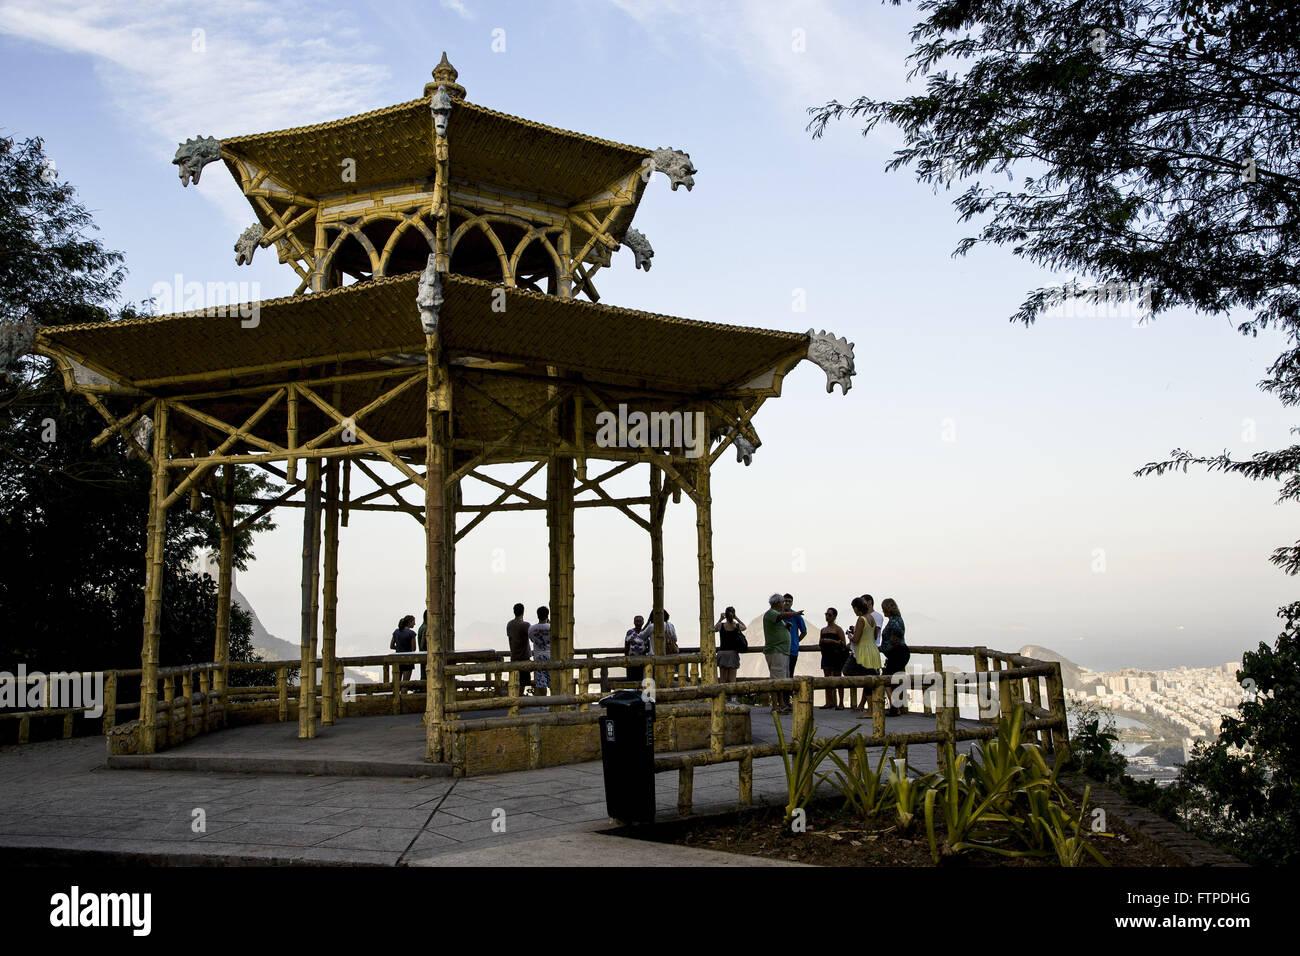 Chinese View in Bairro Alto da Boa Vista - National Park of Tijuca Forest Stock Photo